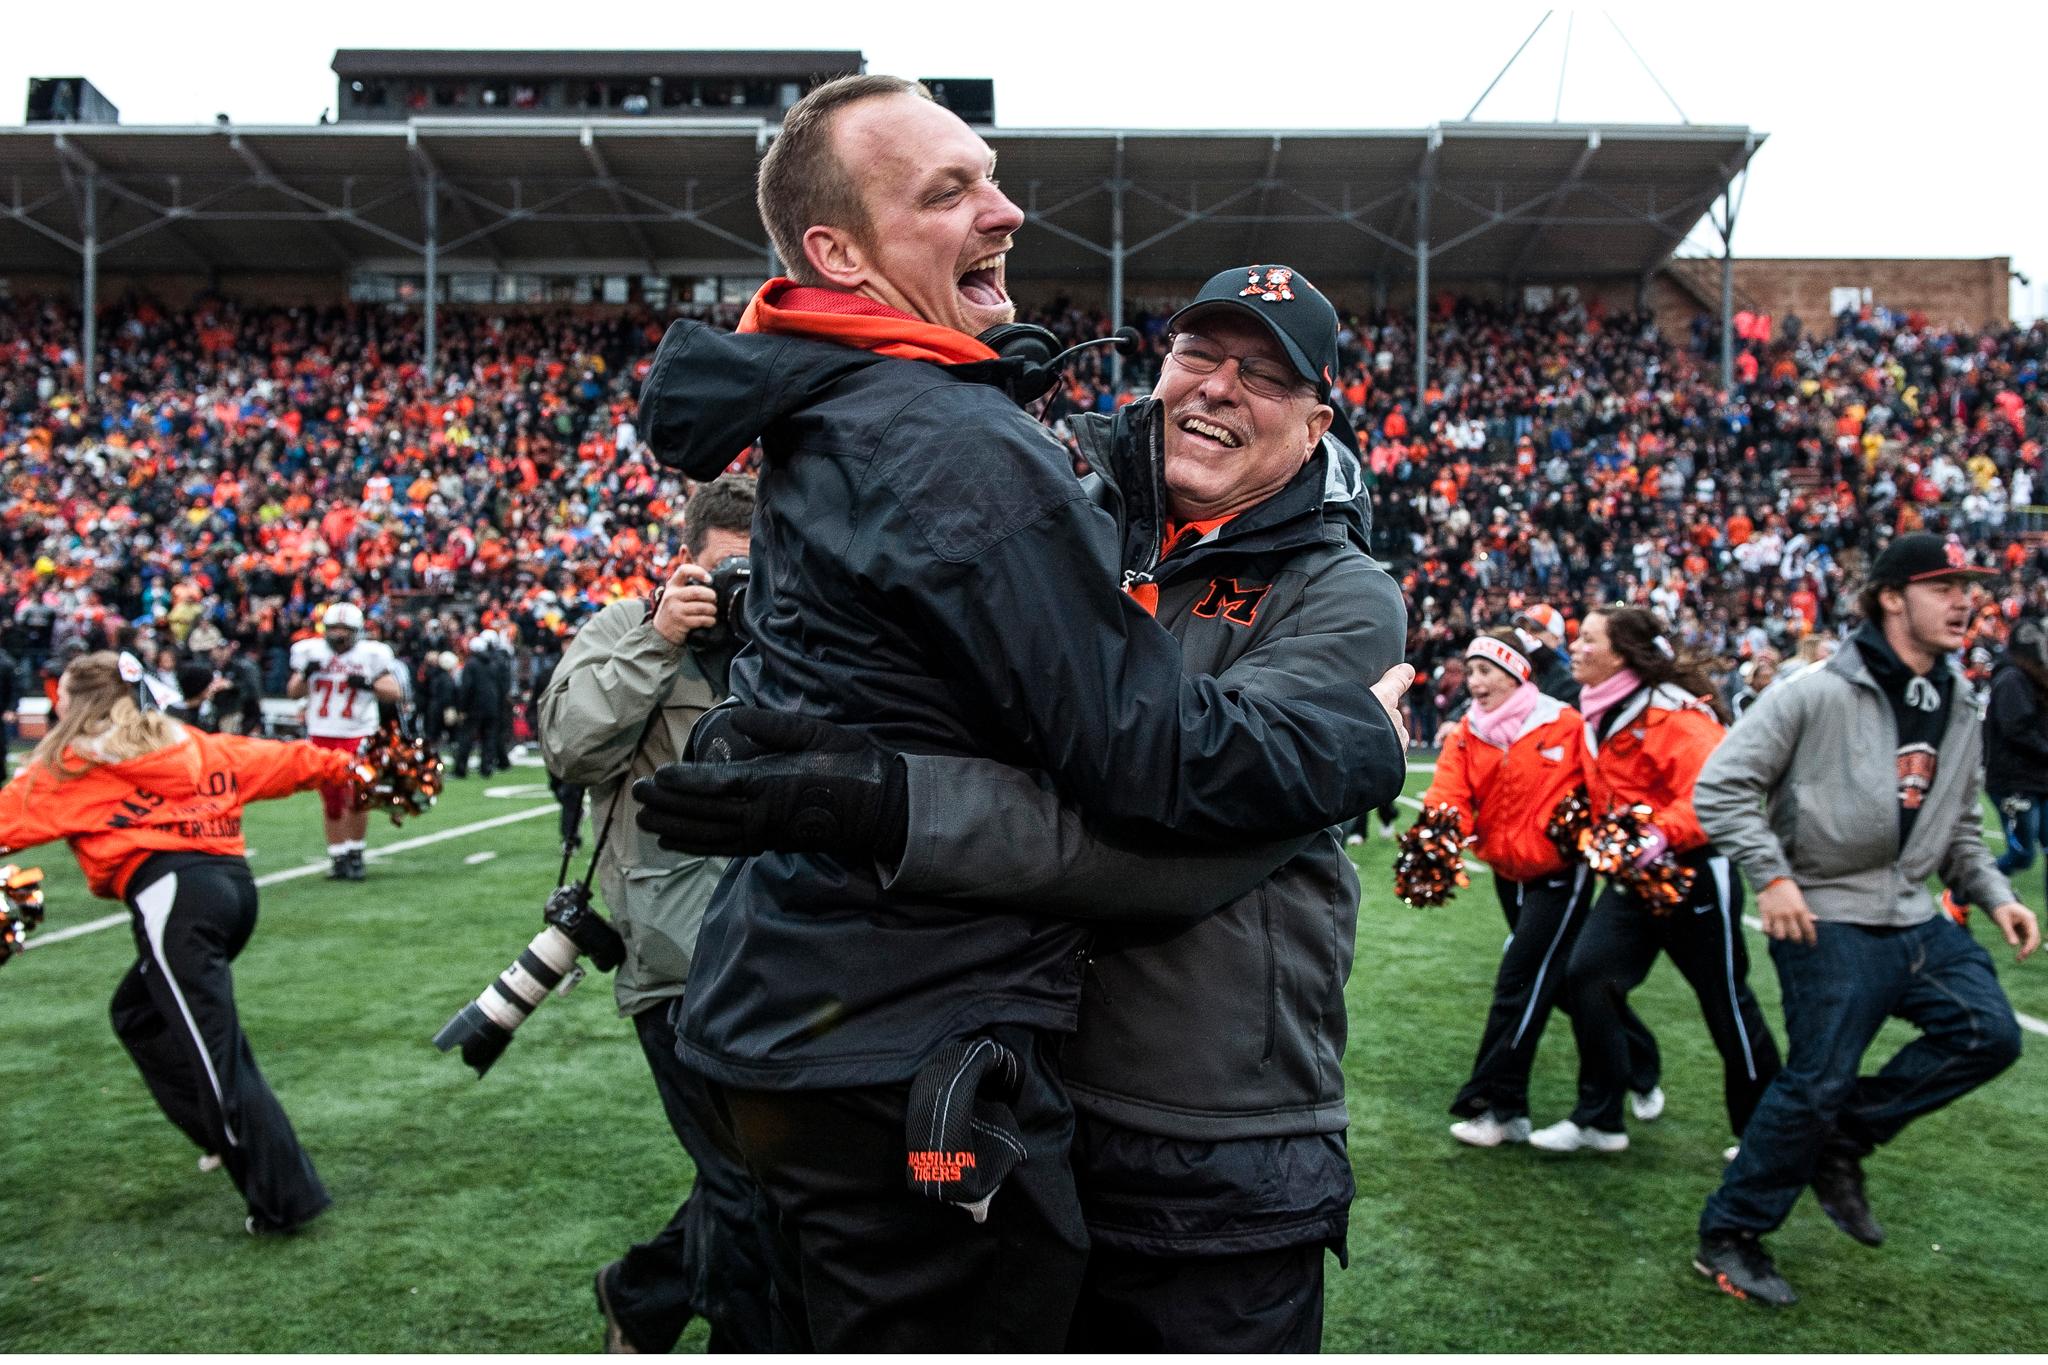 Dos hombres contentos celebran en un campo de fútbol (© Gary Harwood/Tiger Legacy/Daylight Books)